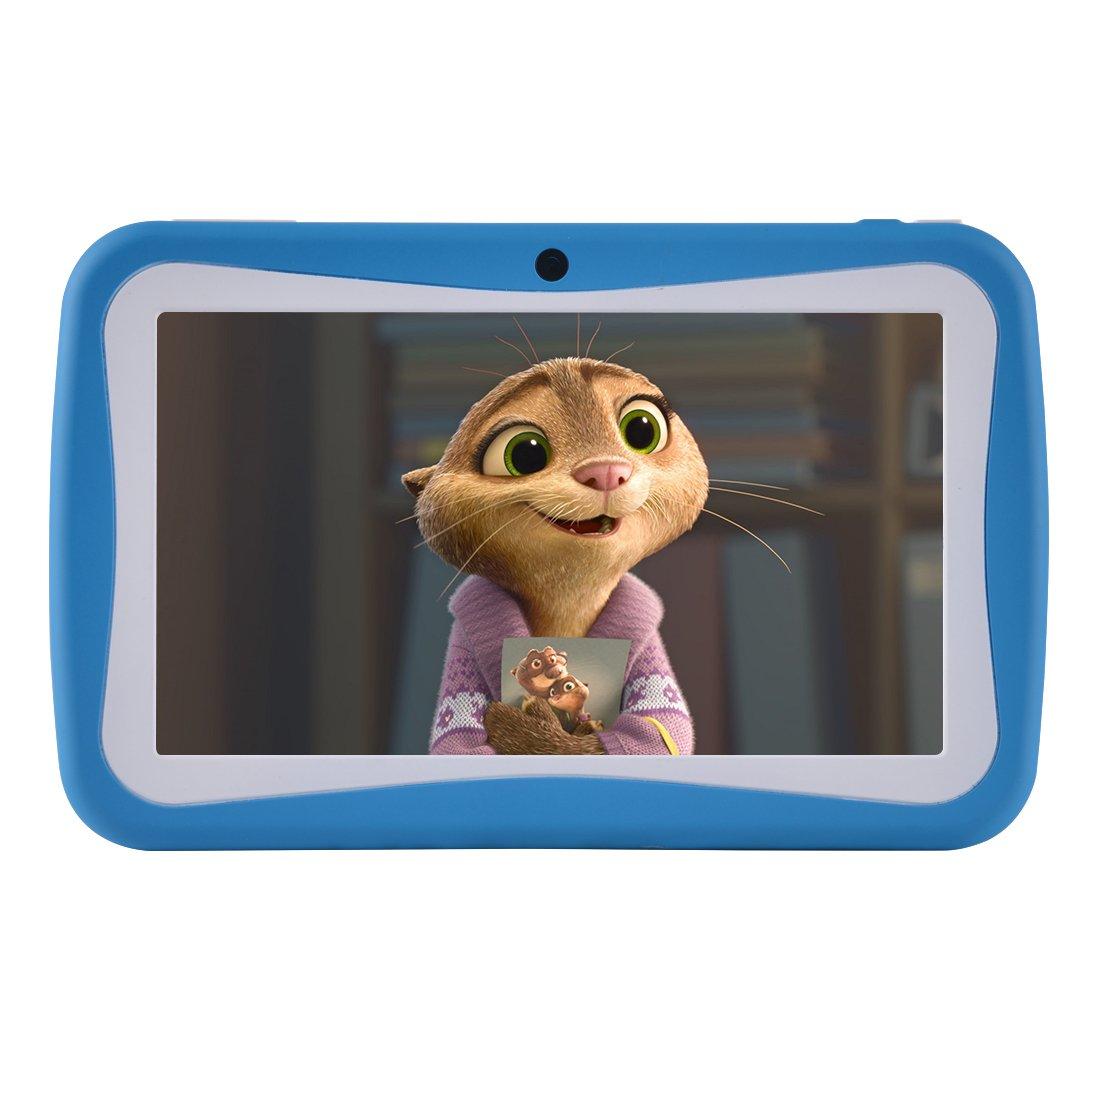 BENEVE M755 Kids Tablet, 7 pouces Andriod 7.1 Tablet avec 1 Go de RAM 8 Go ROM et Wifi, logiciel pour enfants iWawa pré-installé (rose) Sungworld